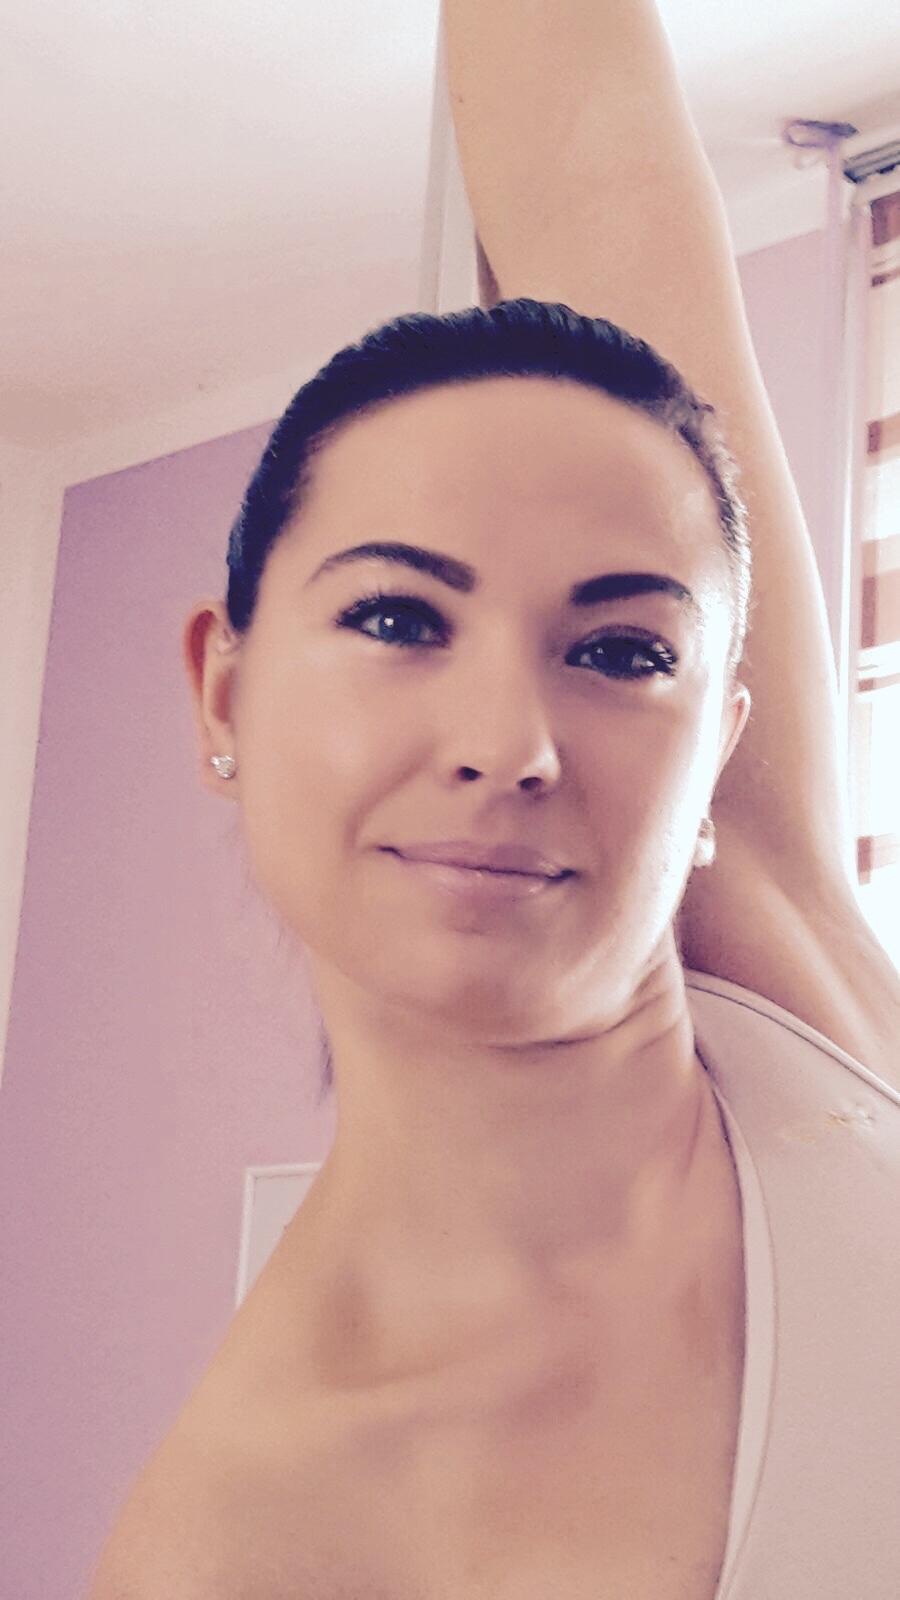 Maria Ammirato